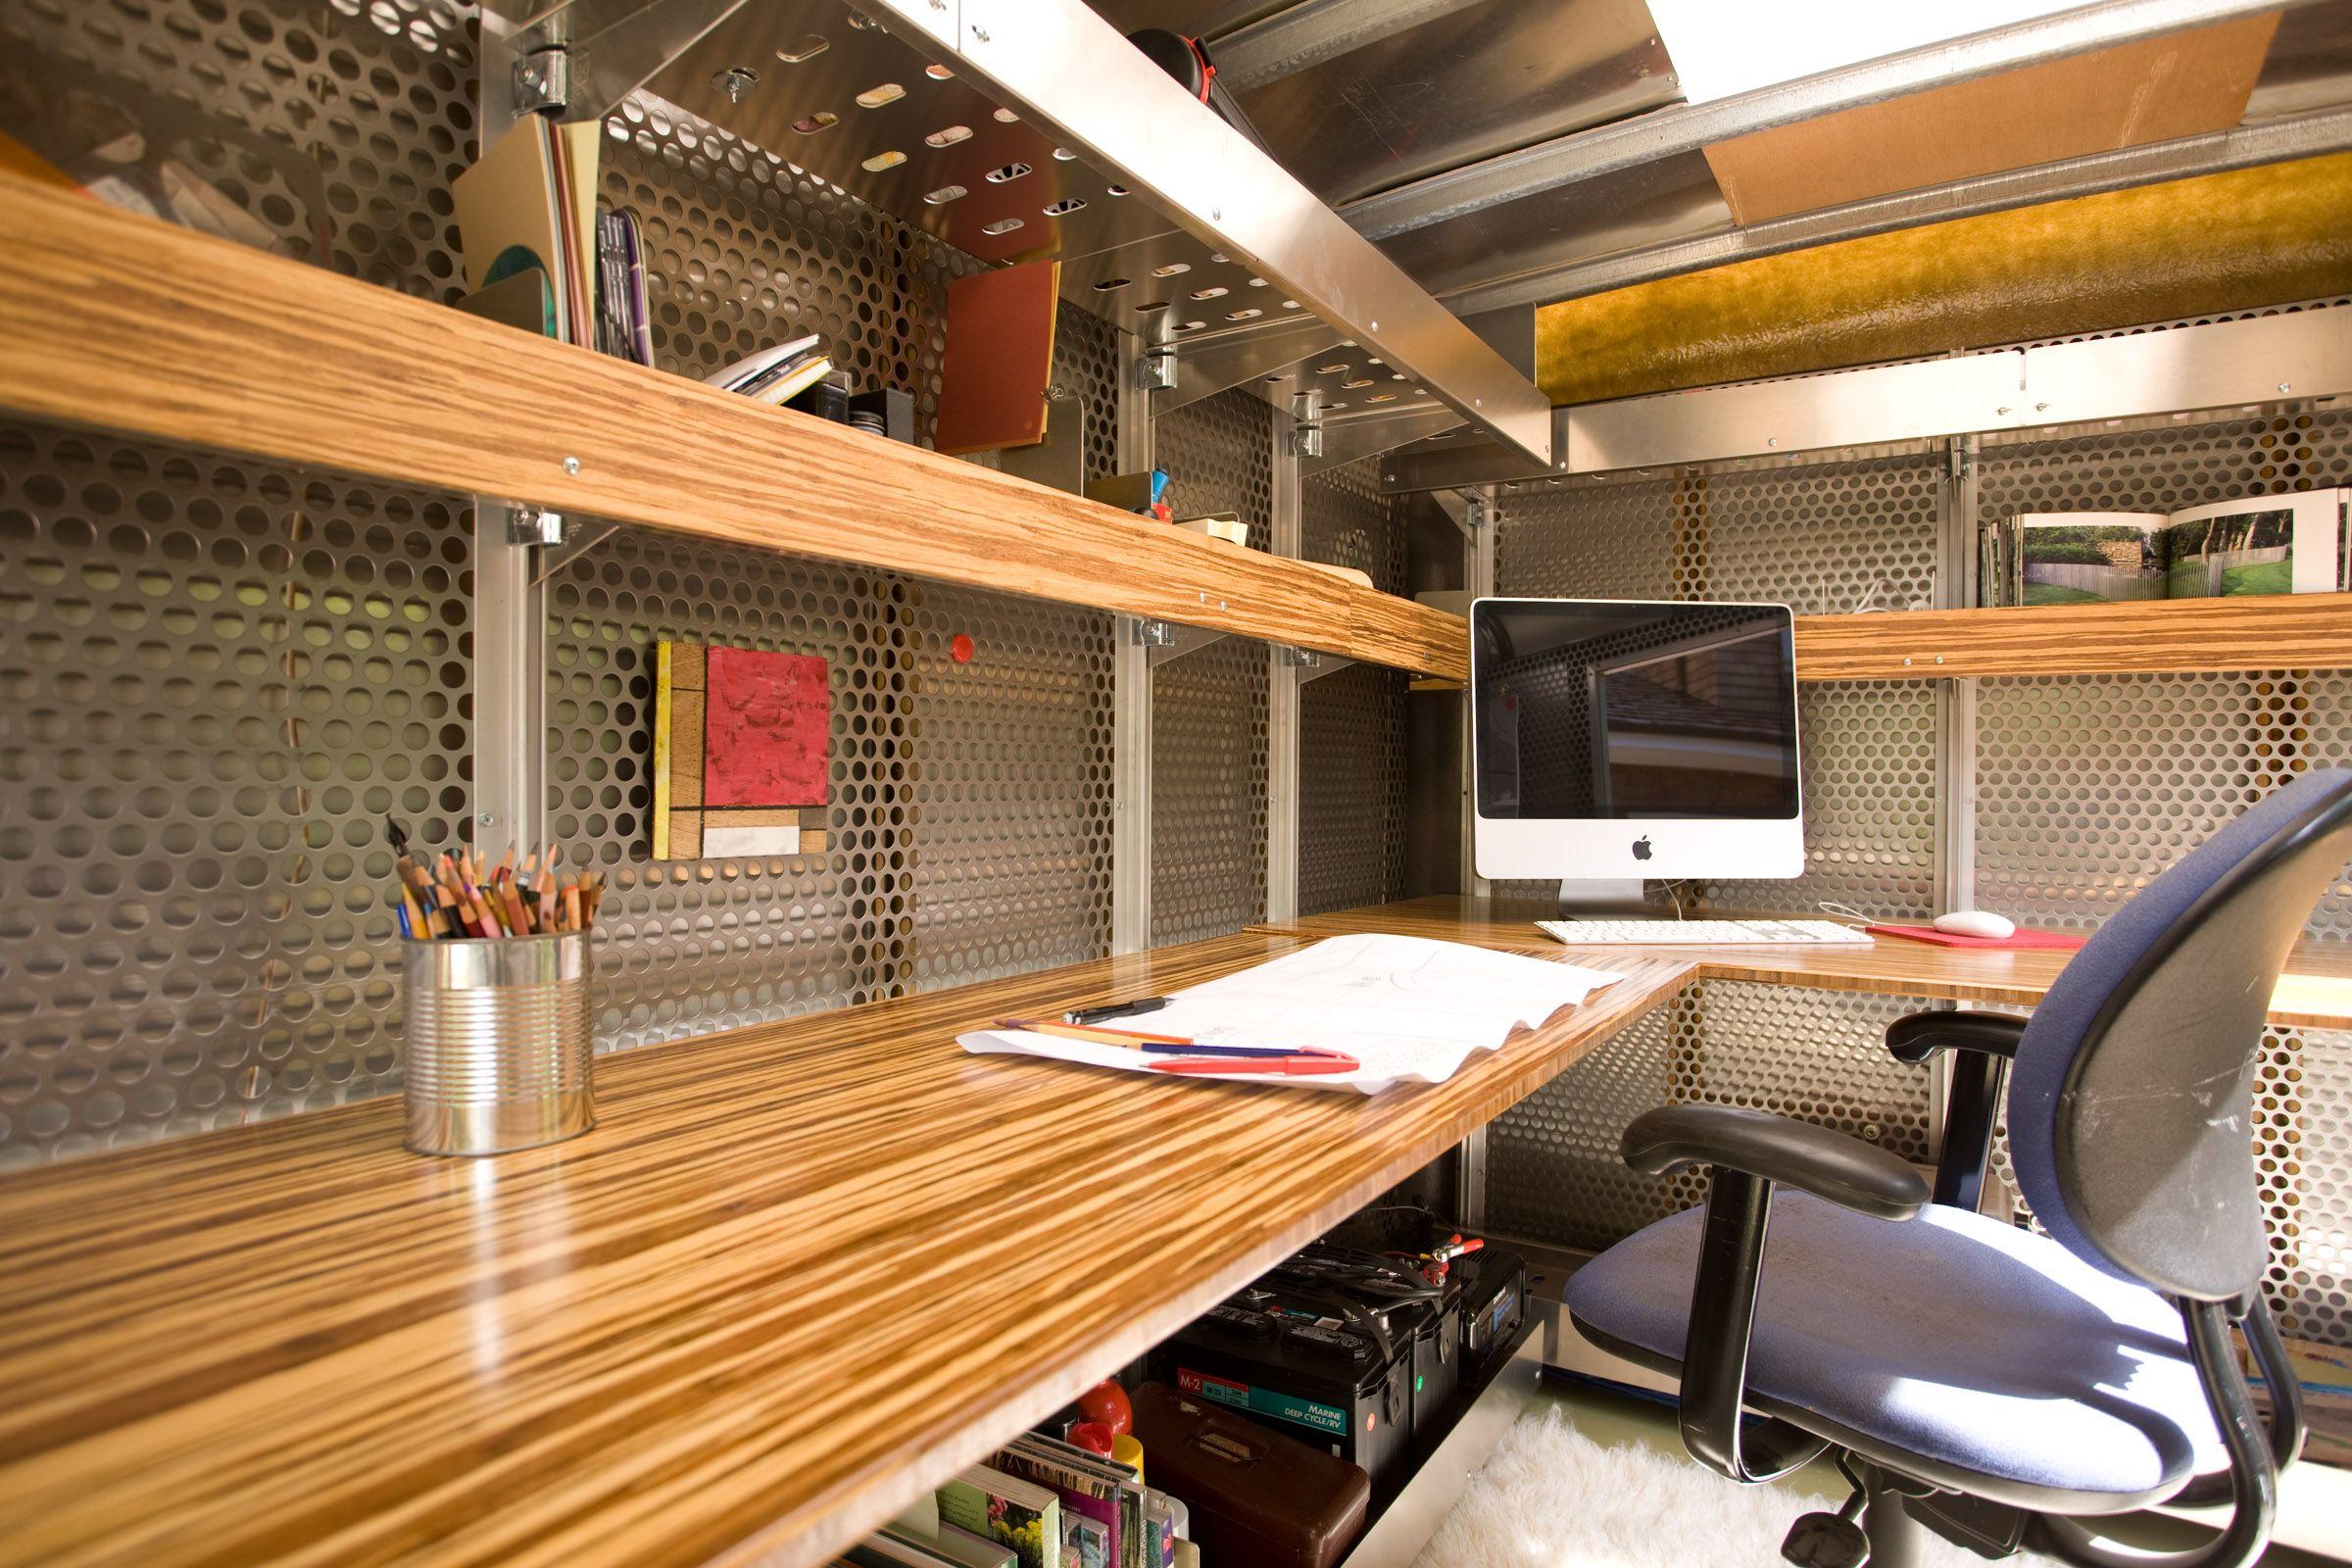 The Mobile Design Studio